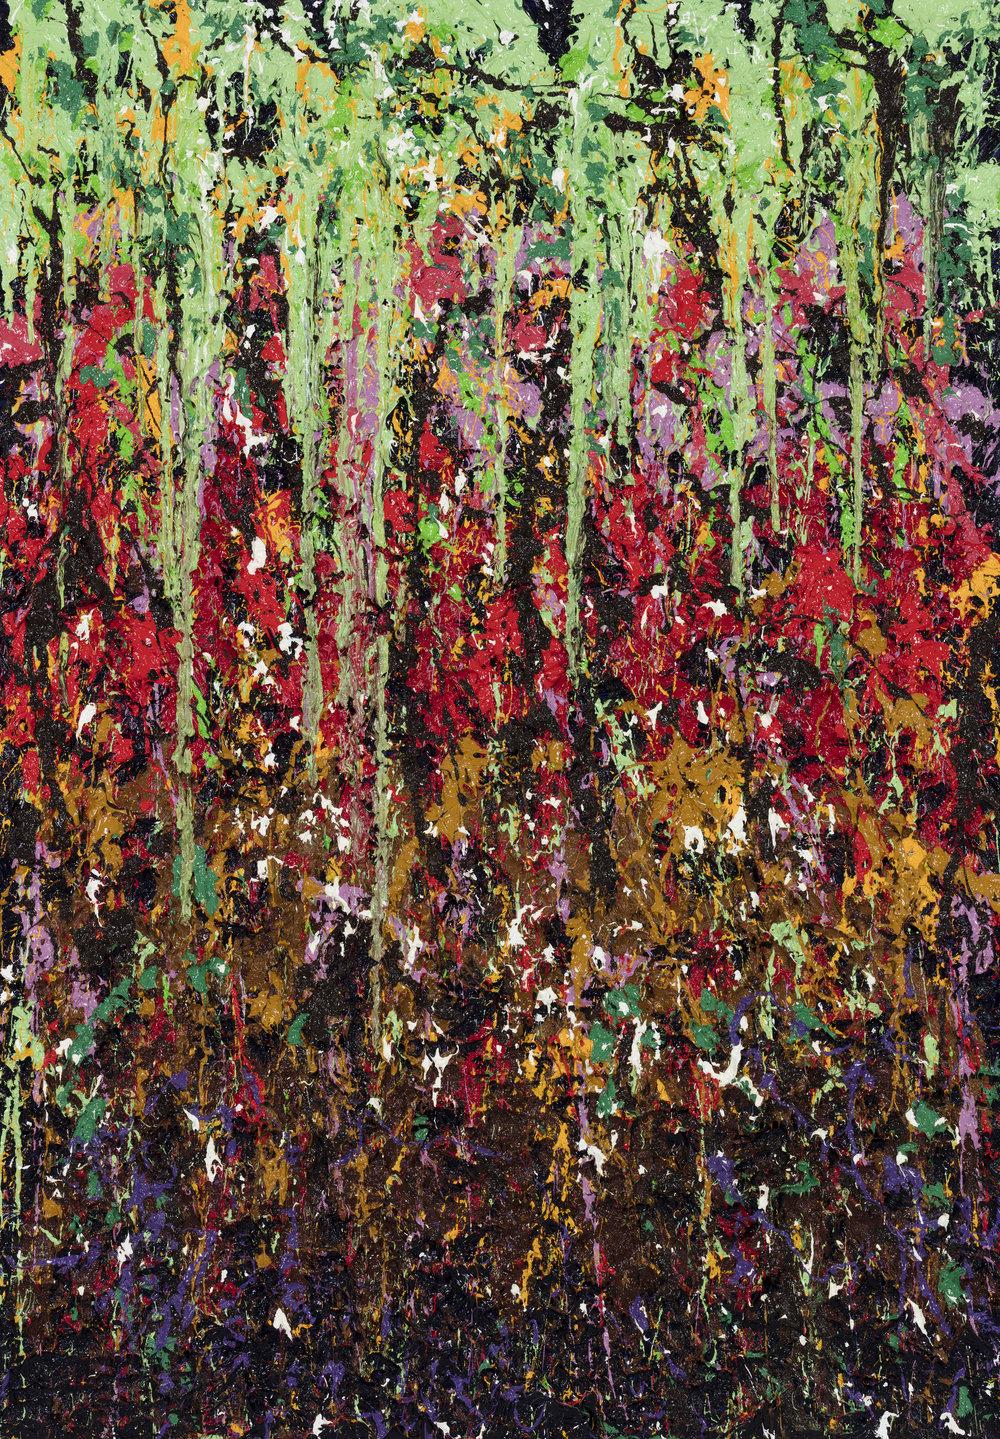 Rain forest of Amazon,2018-huile sur toile, 140 x 200 cm (Çpaisseur chÉssis 5 cm)_JonOne_2018_Repro_168.jpg